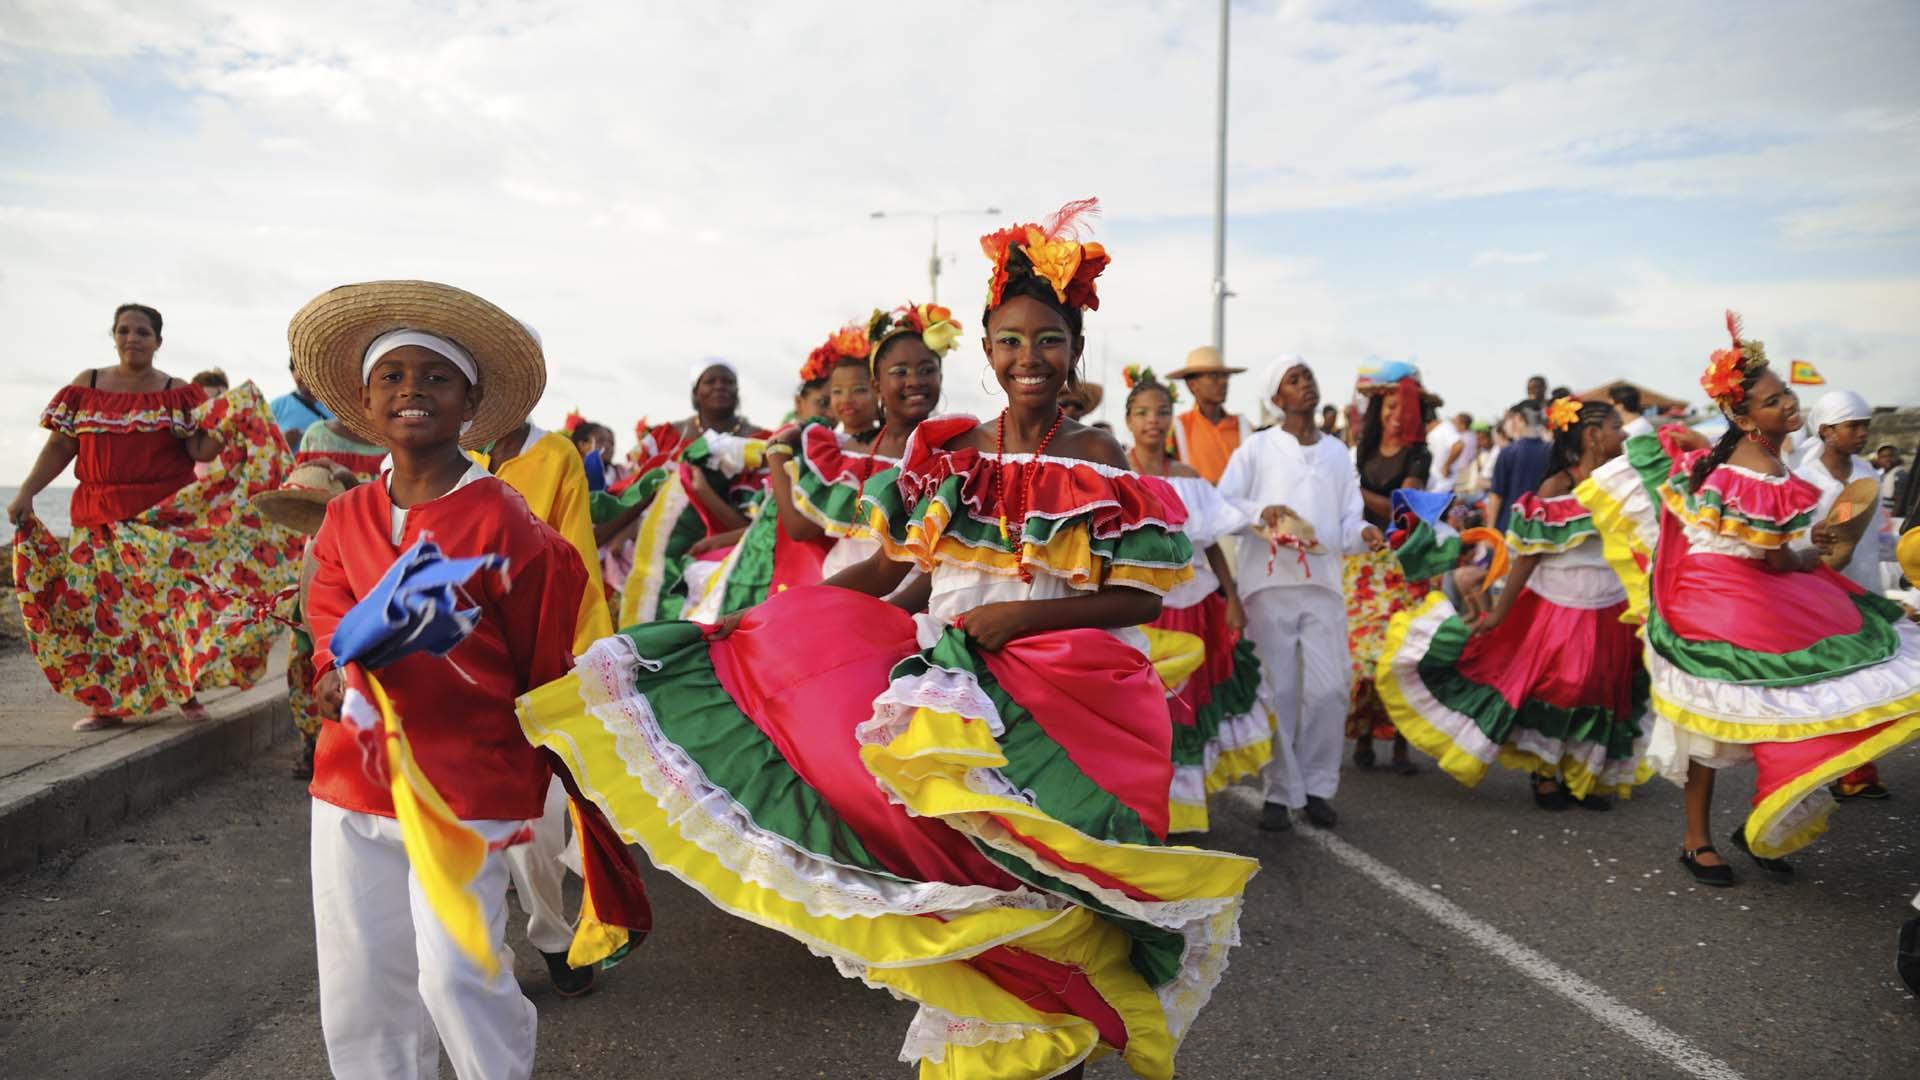 La entidad activó el plan protección de la Ruta del Calipso 2016 que espera unos 350 mil turistas